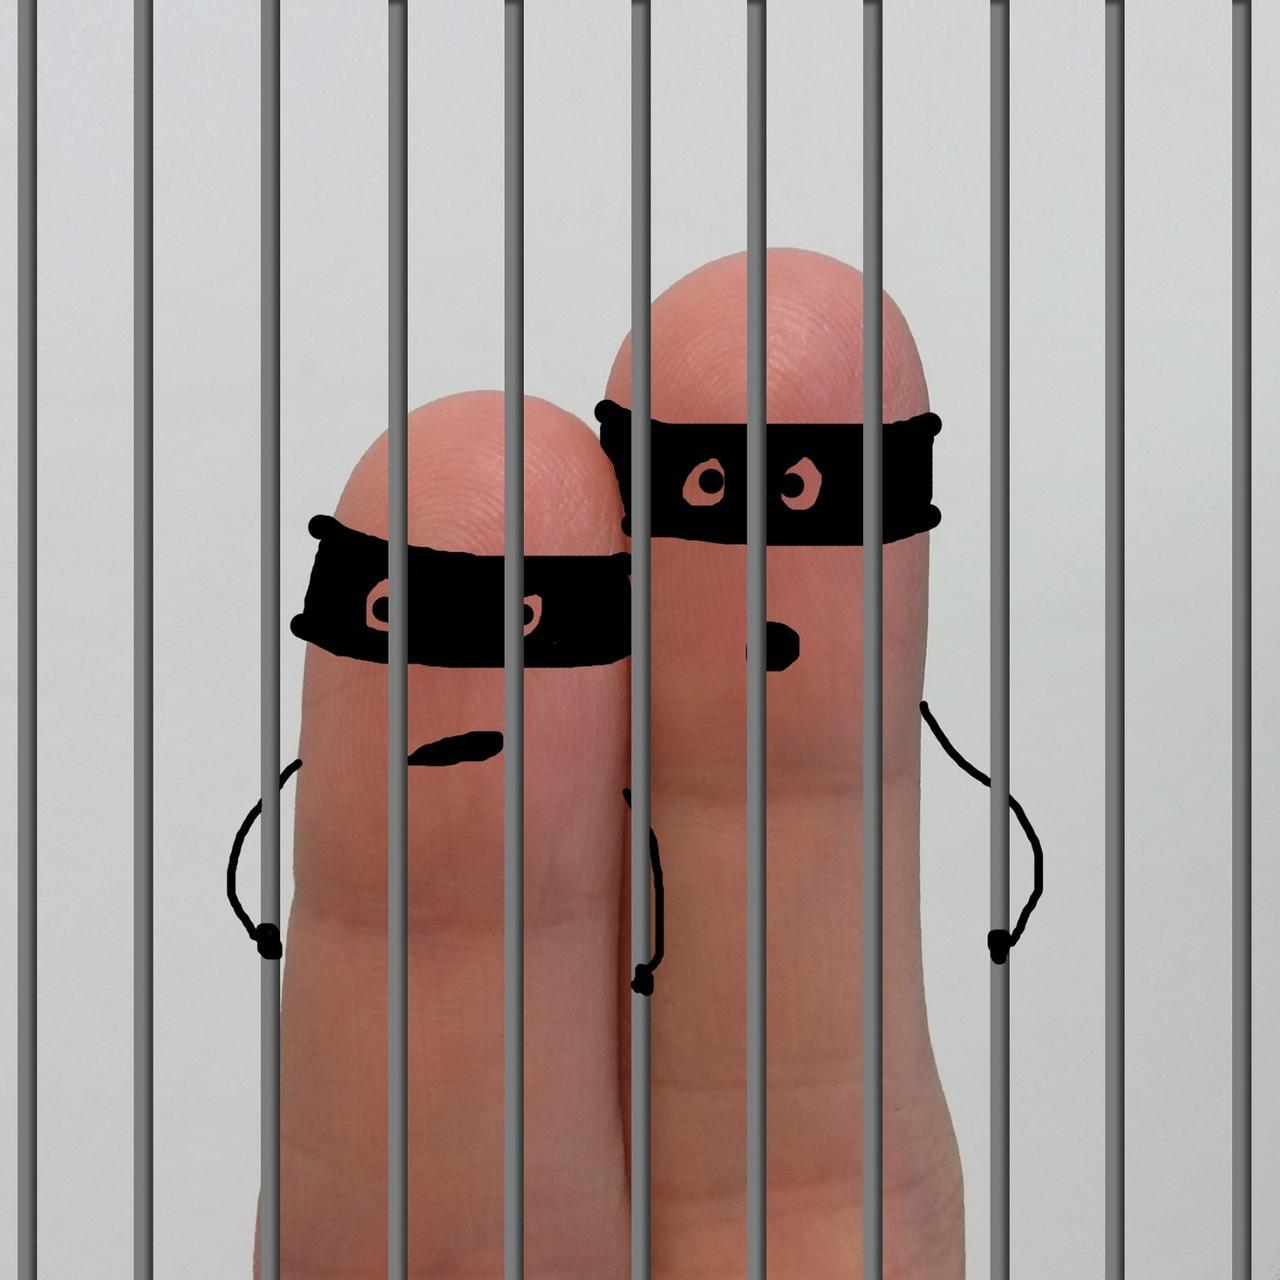 Polizei nimmt raffinierten Betrüger fest